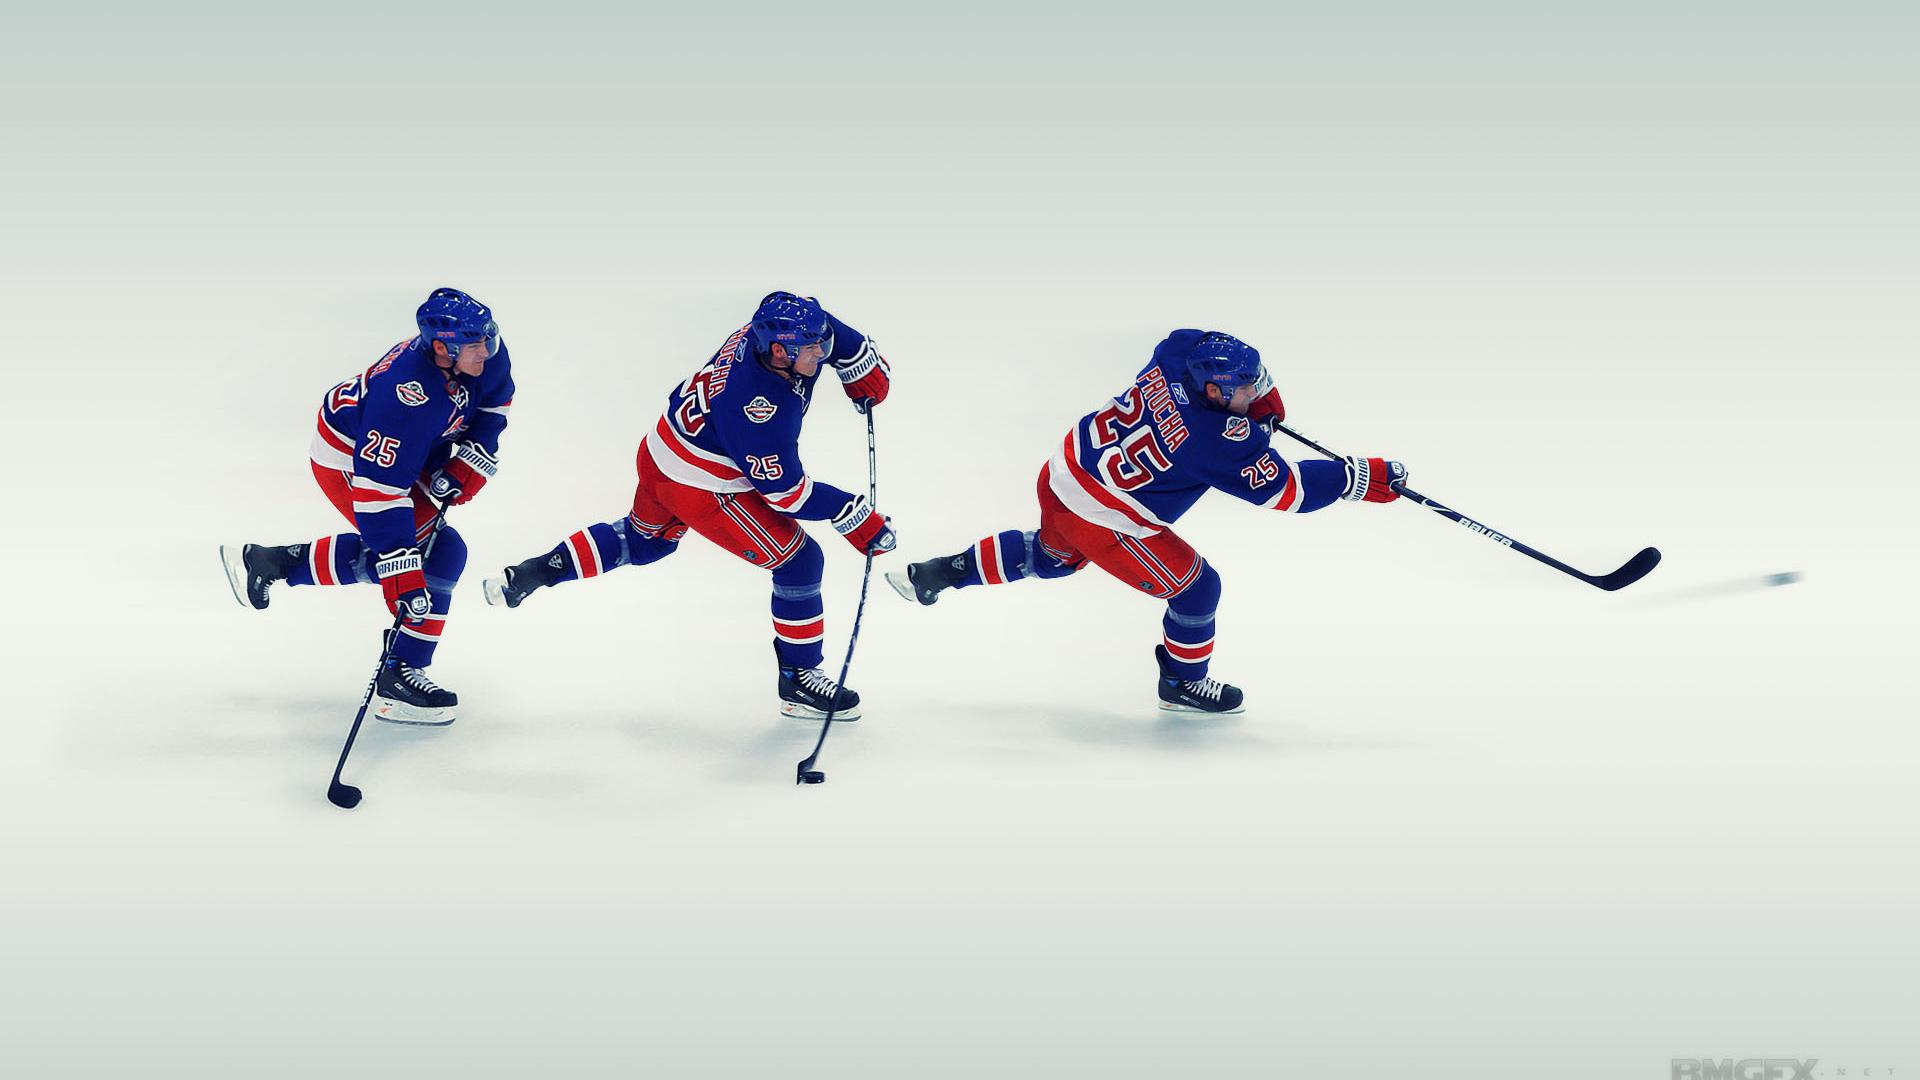 грубая ошибка, обои на андроид хоккей работы Фурманове